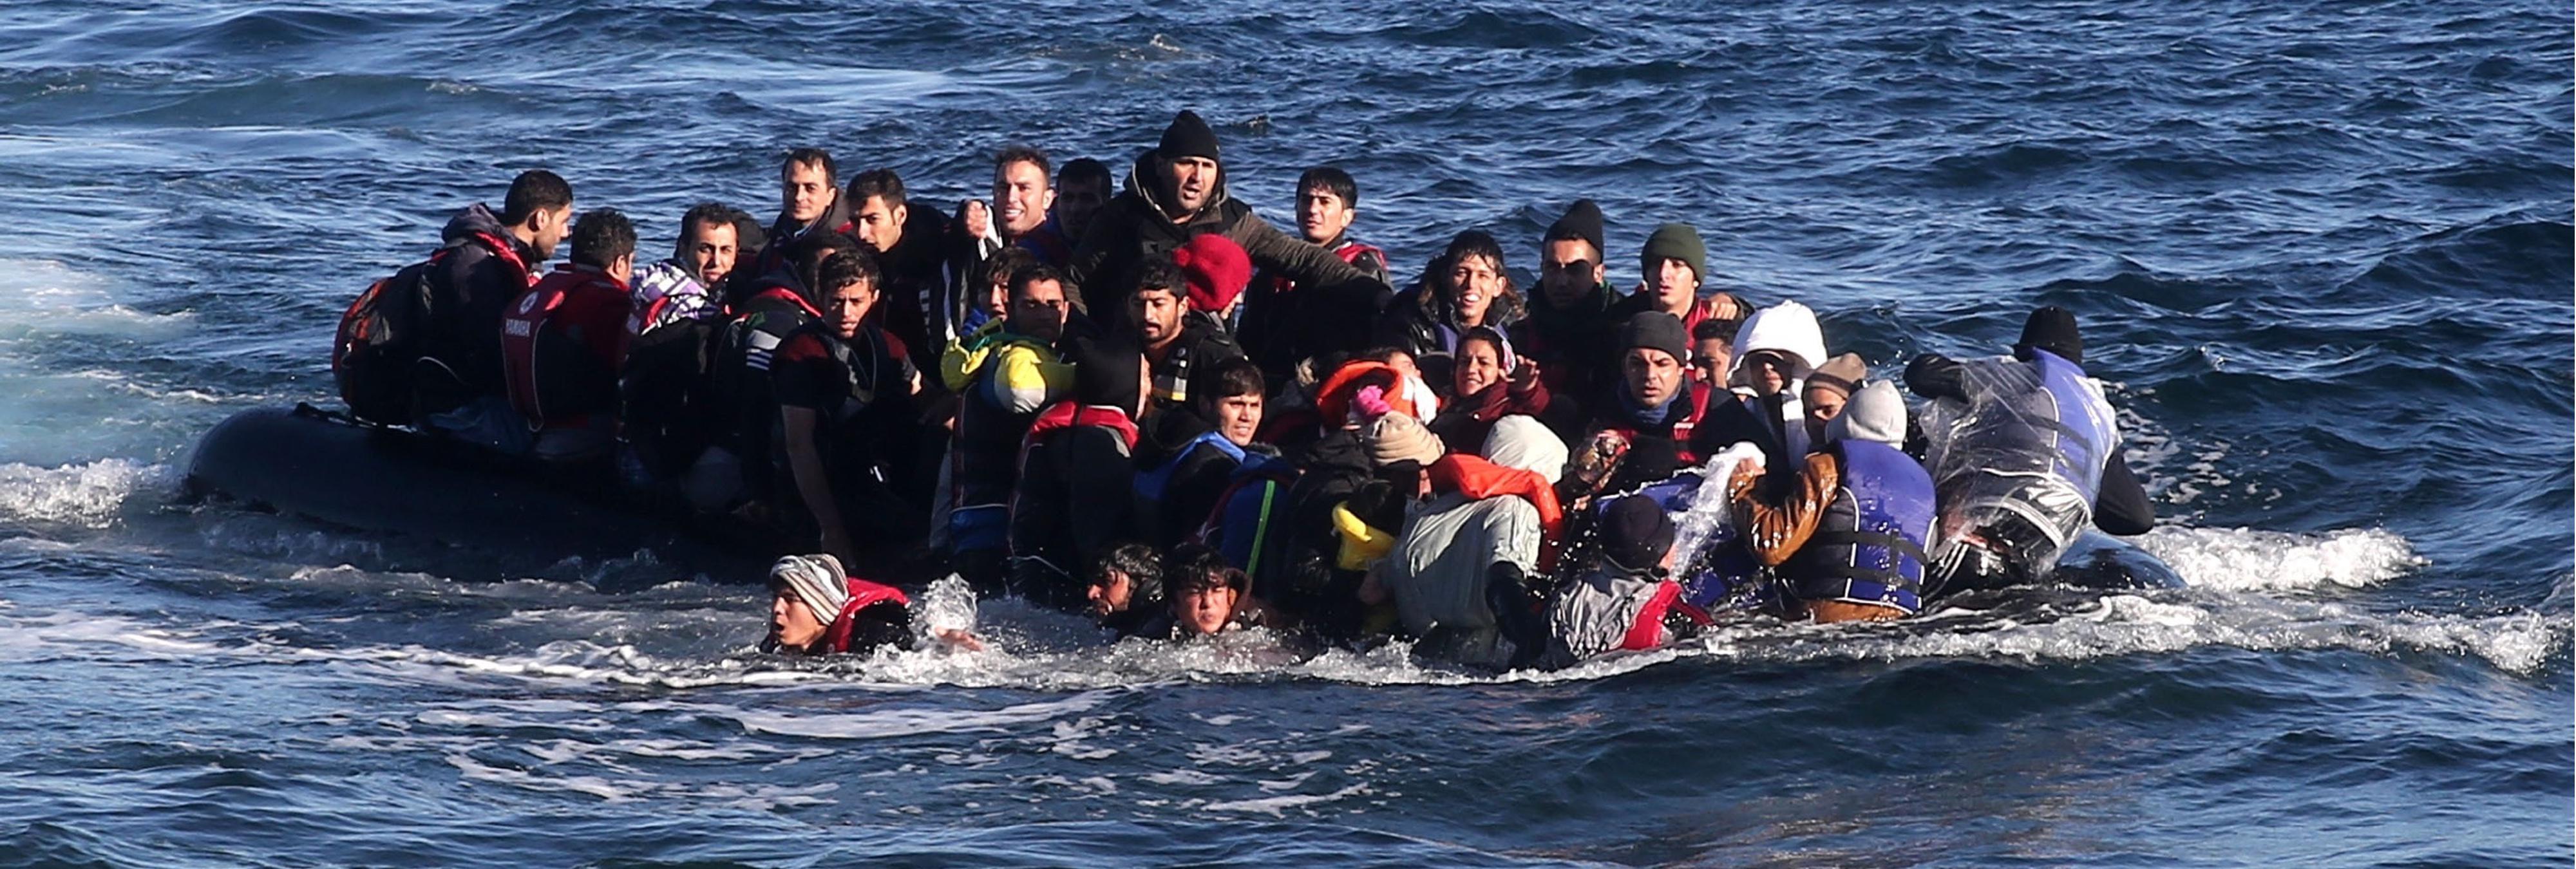 Una mujer con DNI español llega en patera como refugiada a Grecia